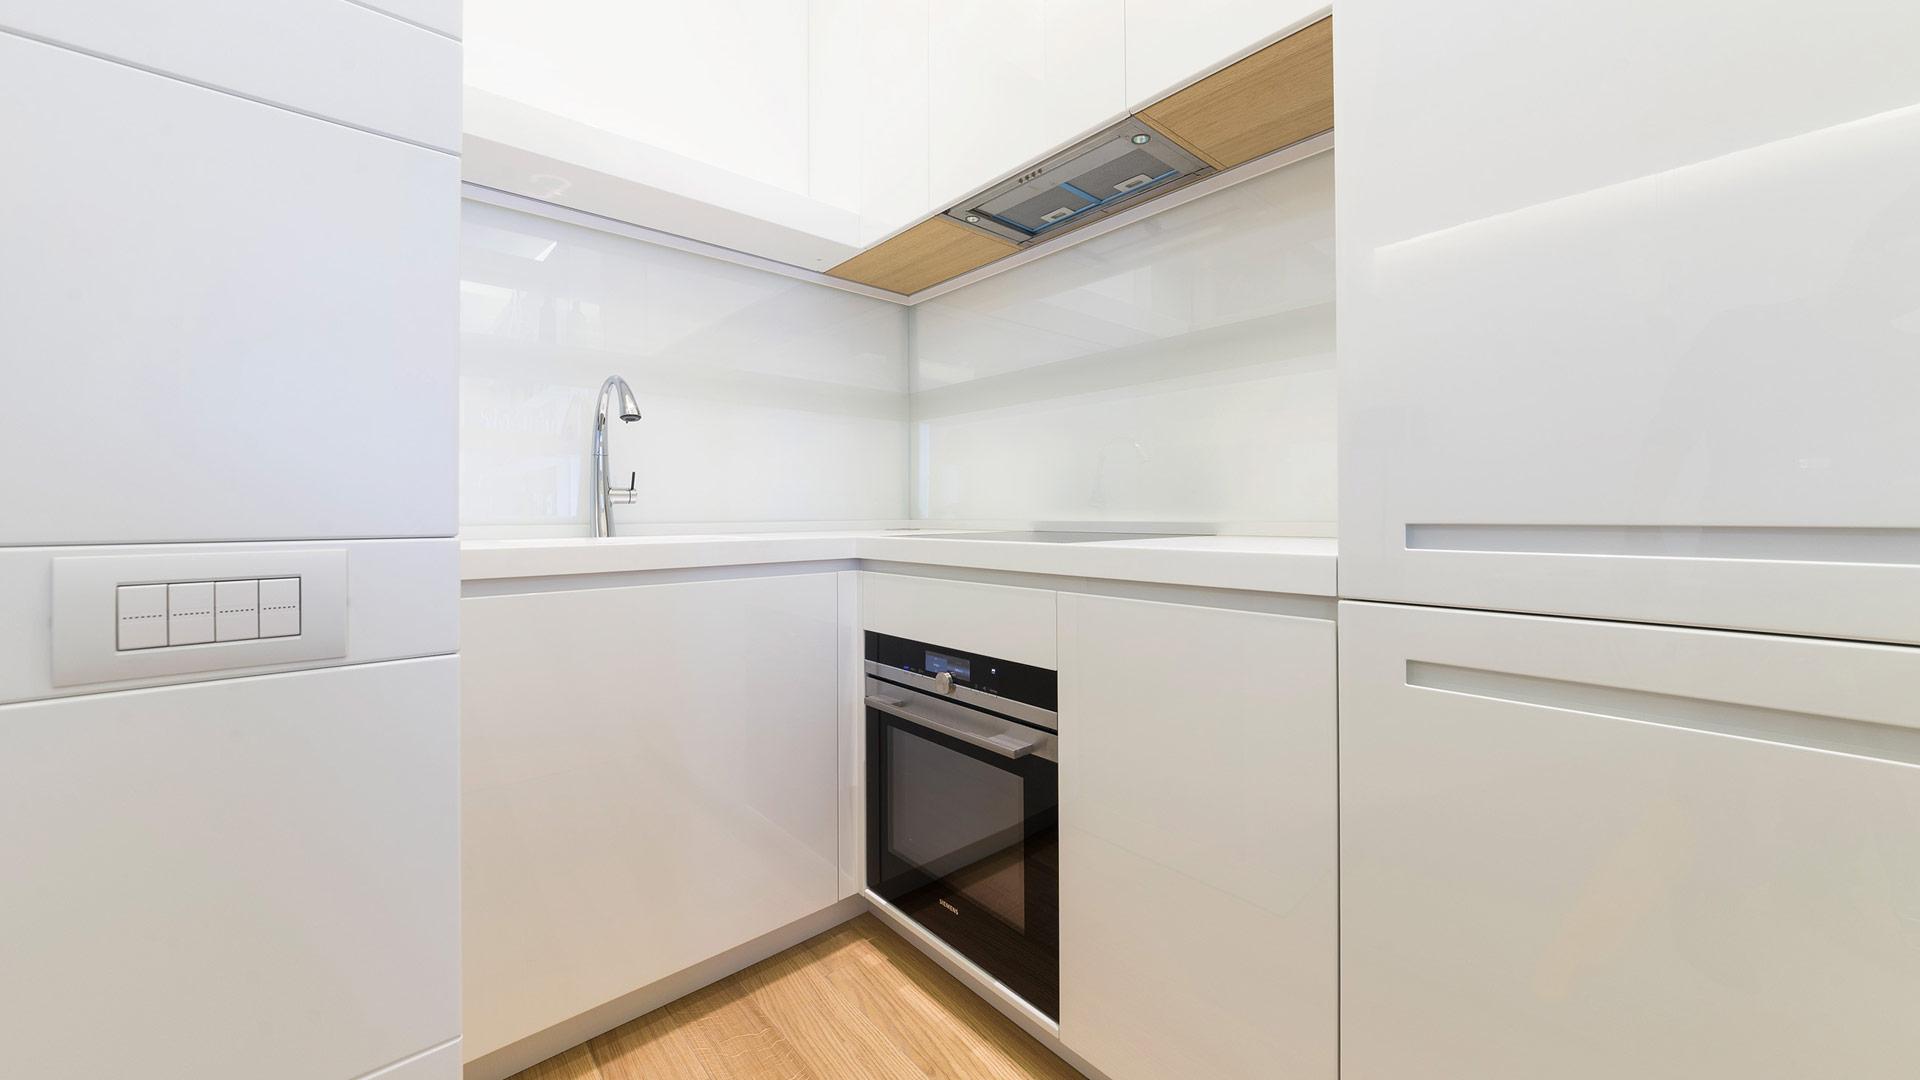 Progetto Contract Interior Design appartamento privato Roma - Area-contract-Cicchetti-05